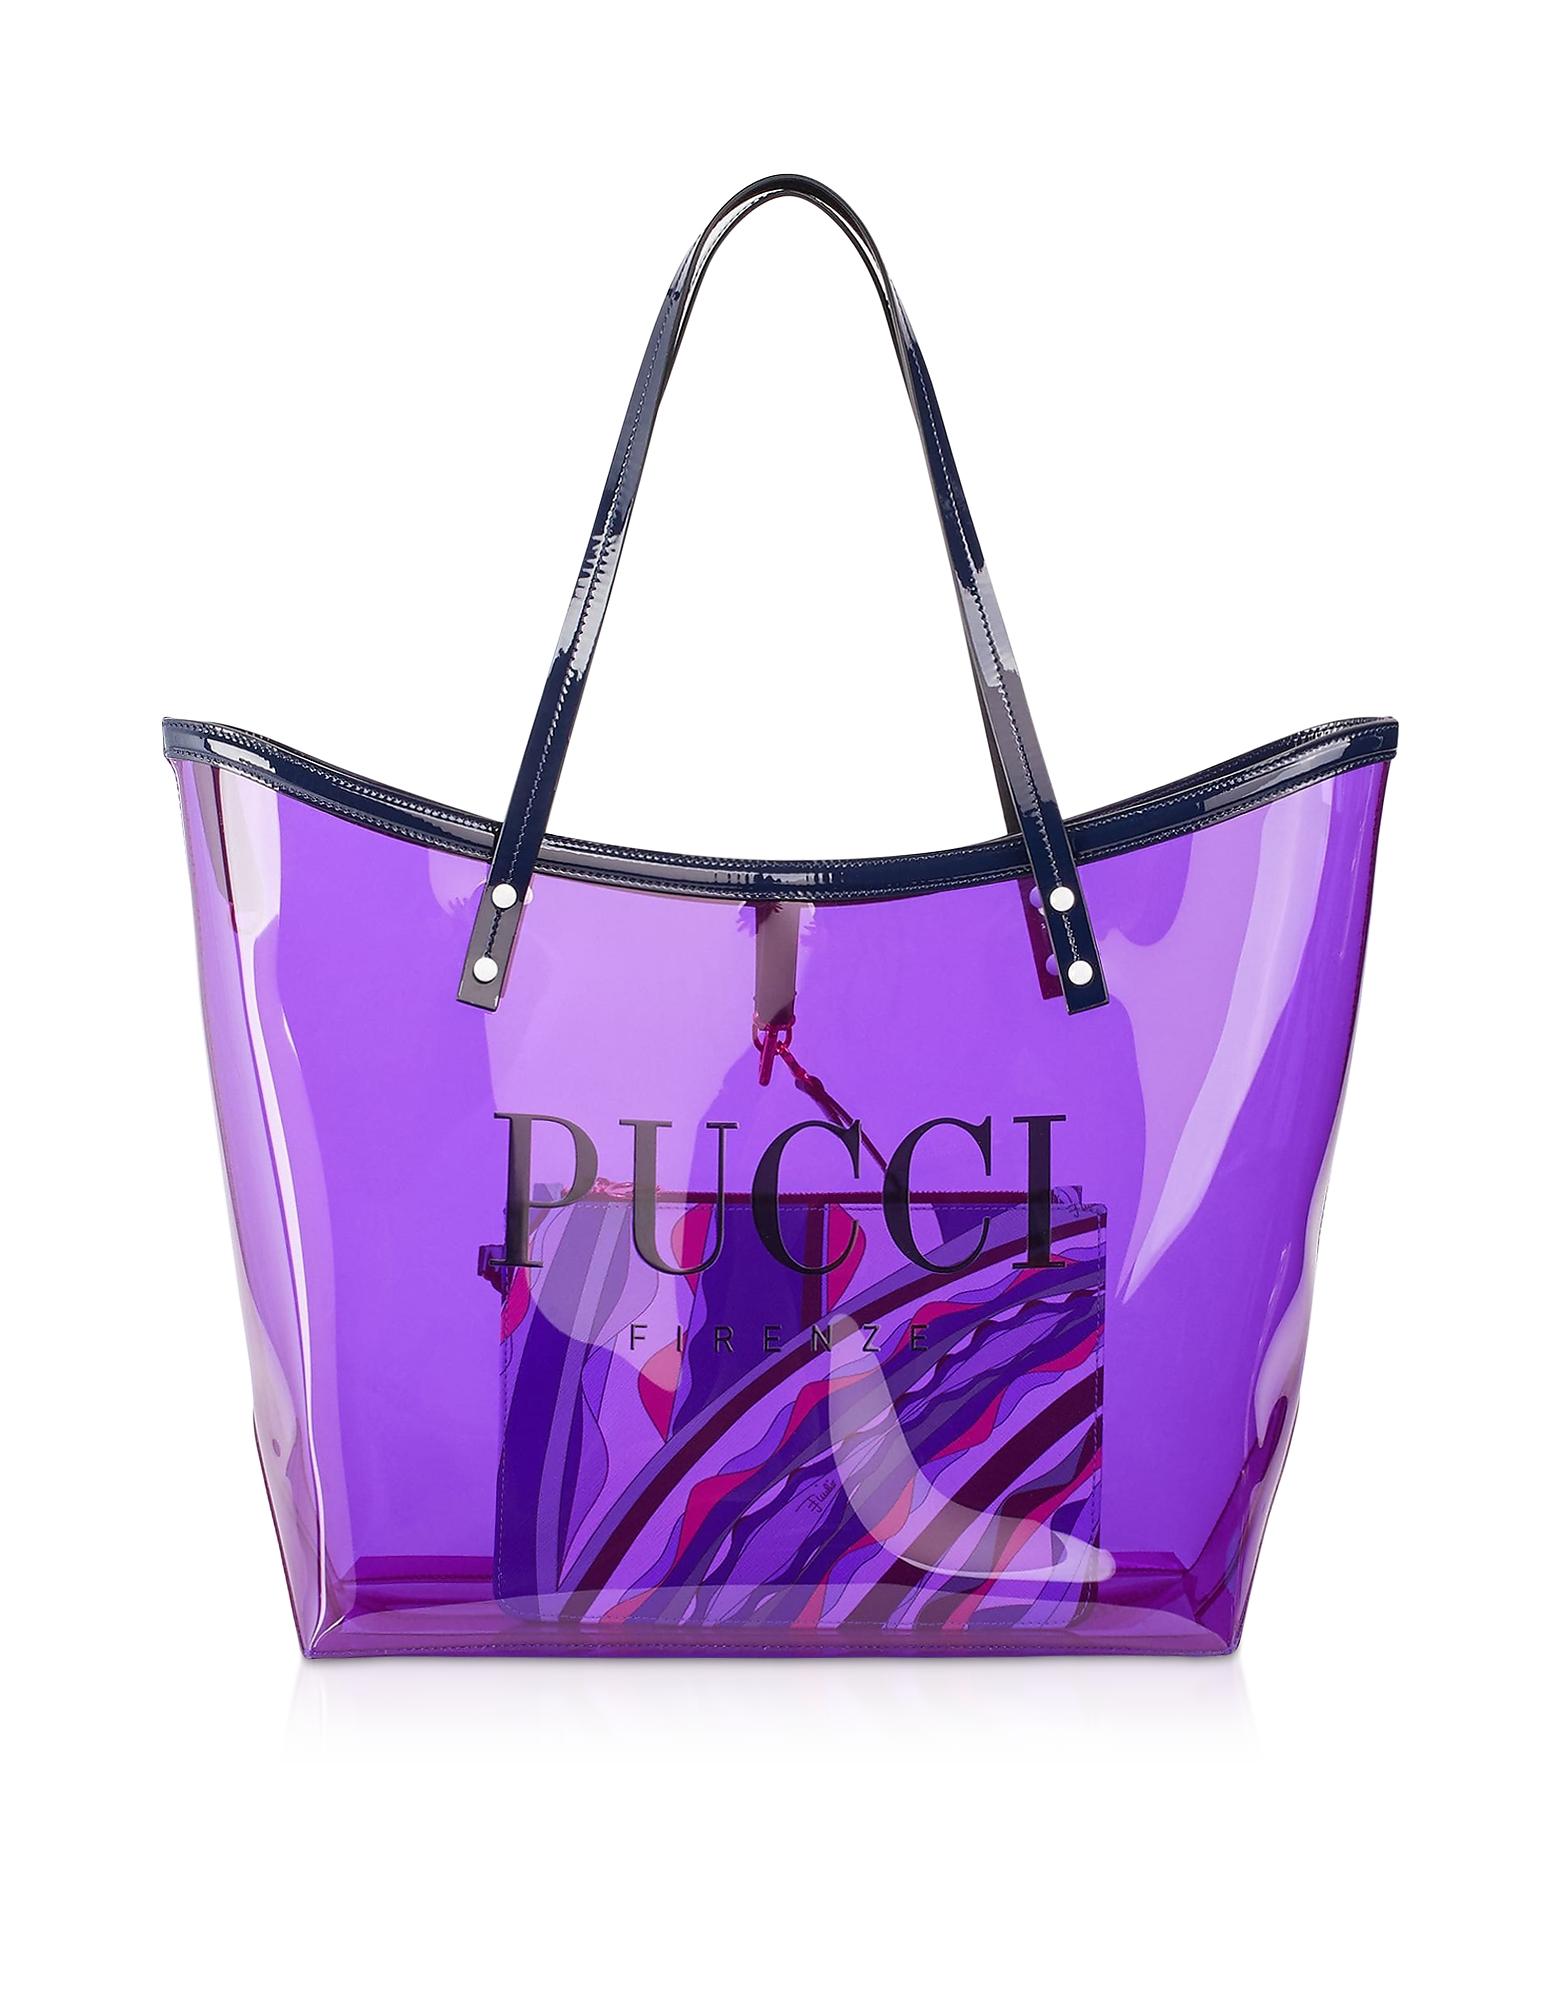 Emilio Pucci Designer Handbags, Signature Transparent Tote Bag